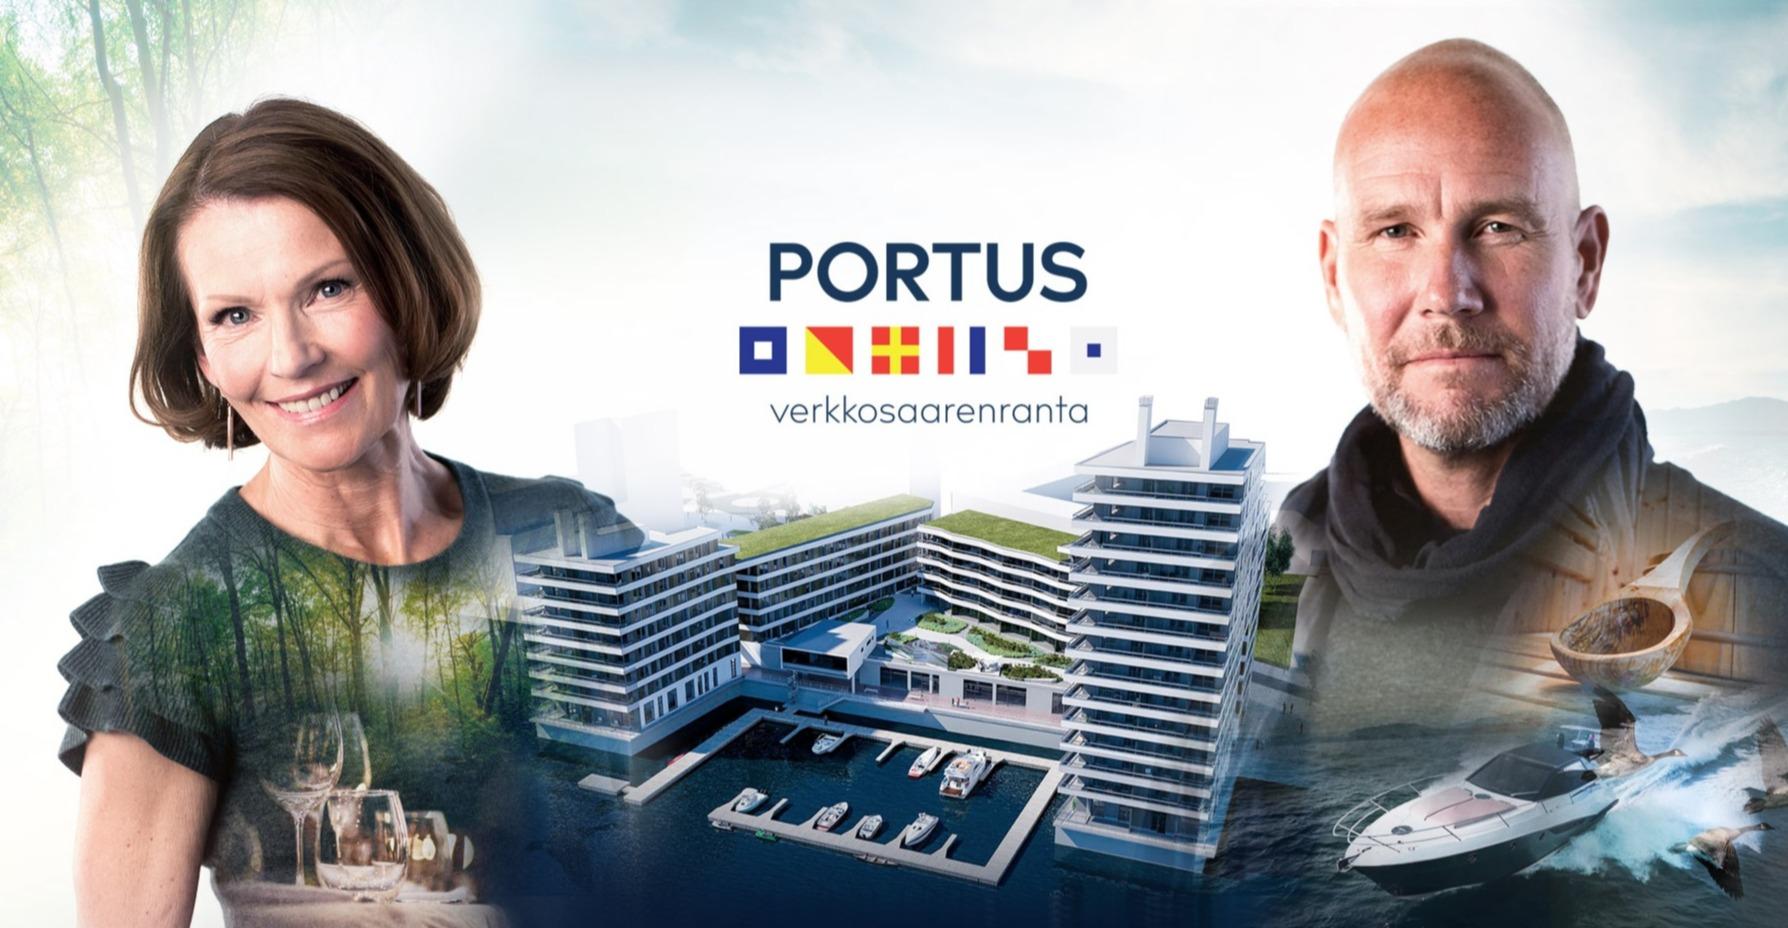 Portus2_wallpaper_fix-1